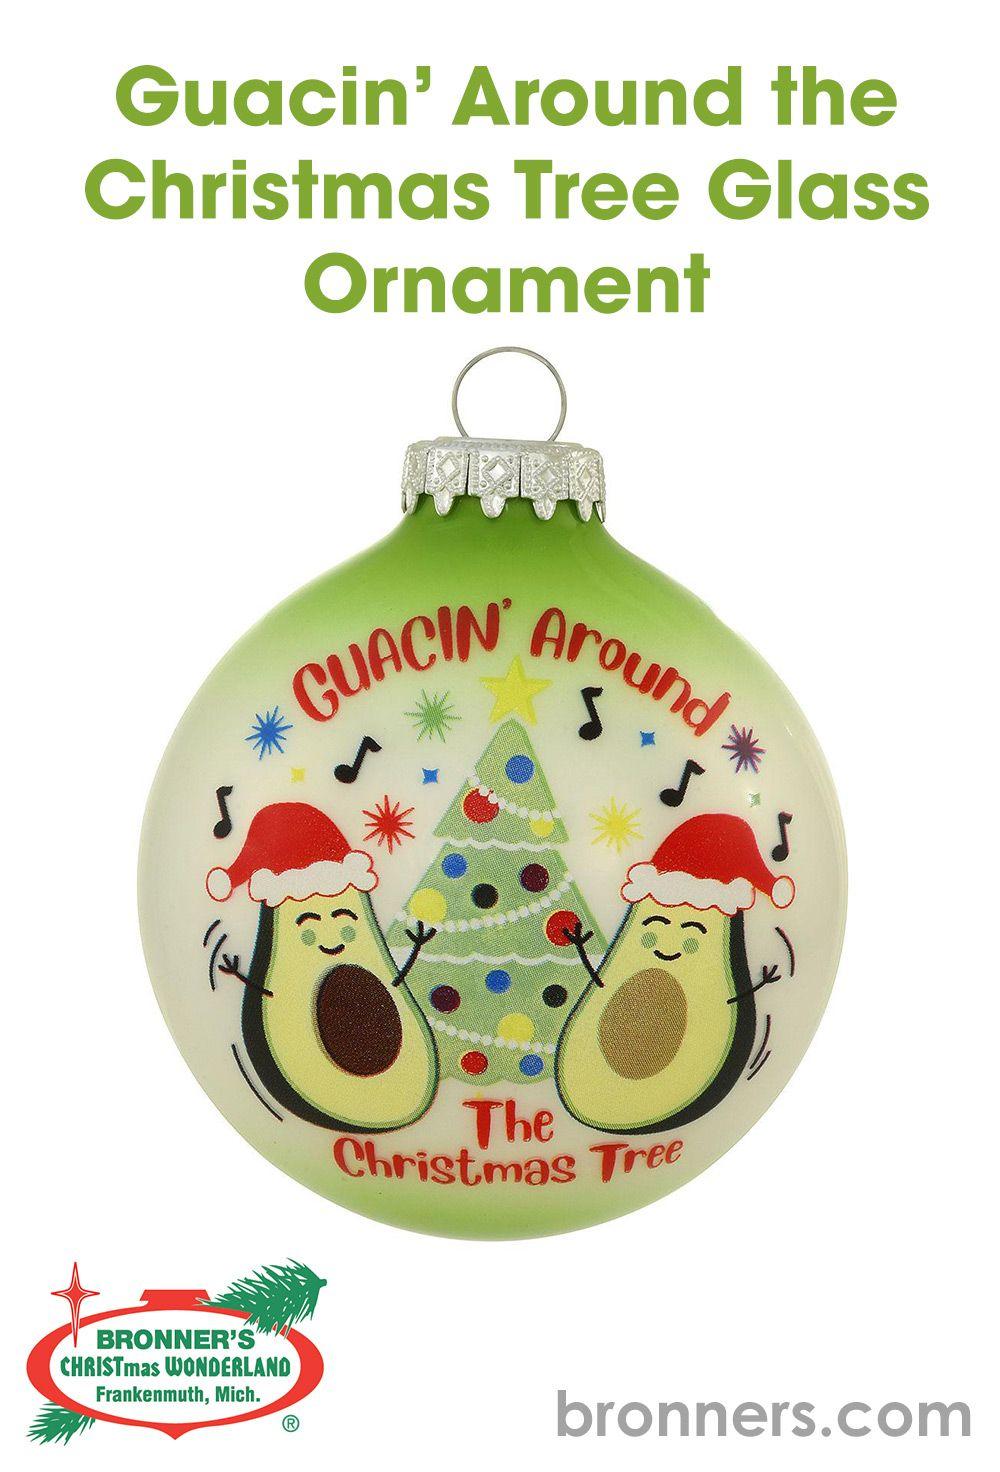 St Patrick Perish White Lake Mi Christmas Craft Show 2021 Michigan 290 Ornaments Ideas In 2021 Ornaments Glass Ornaments Christmas Ornaments